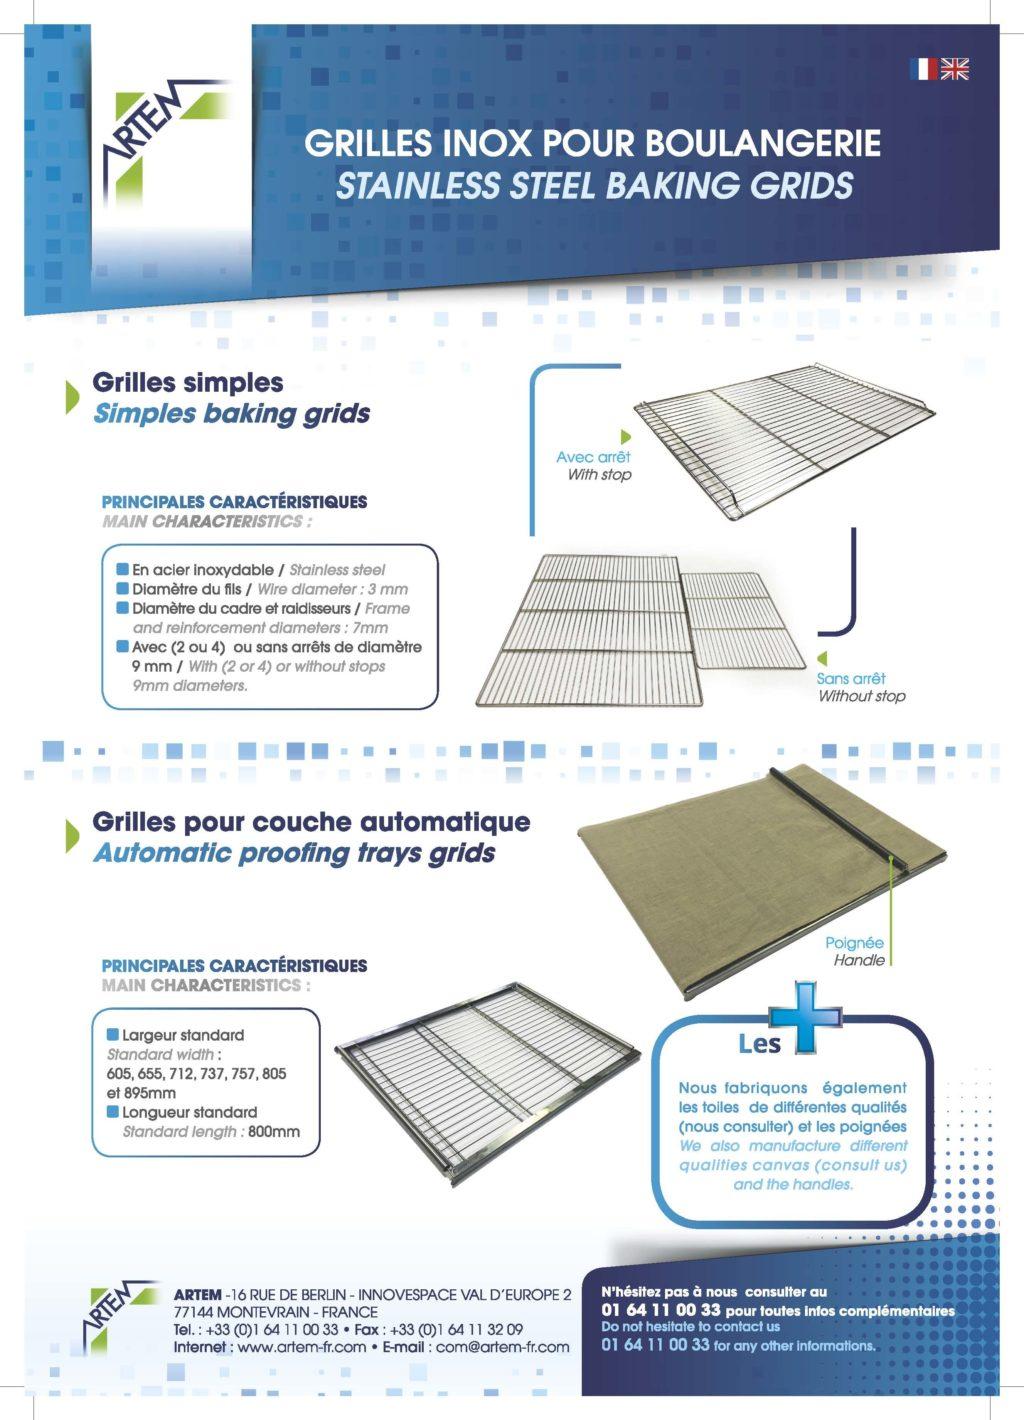 ARTEM Fiche sechoir Print applat_Page_2